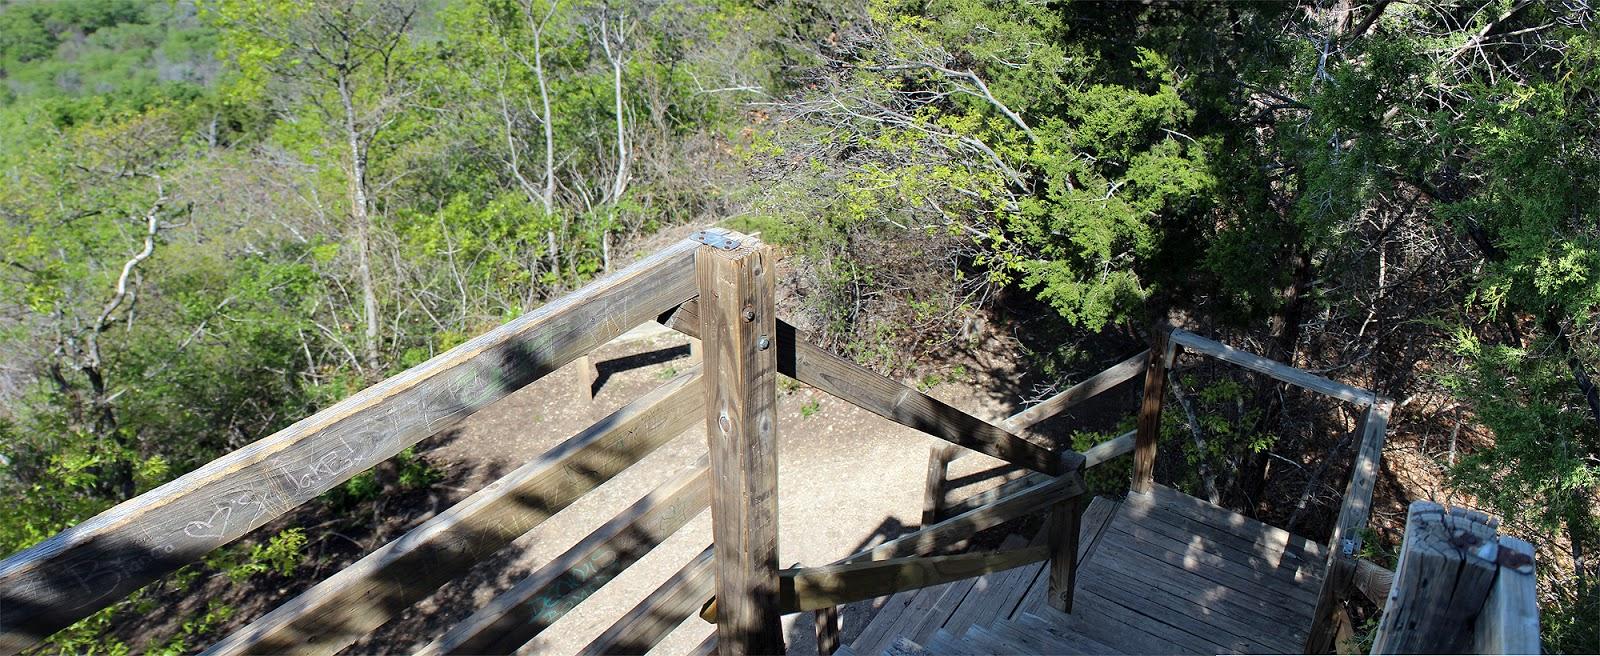 Dallas trinity trails dogwood canyon and cedar ridge for Cedar ridge